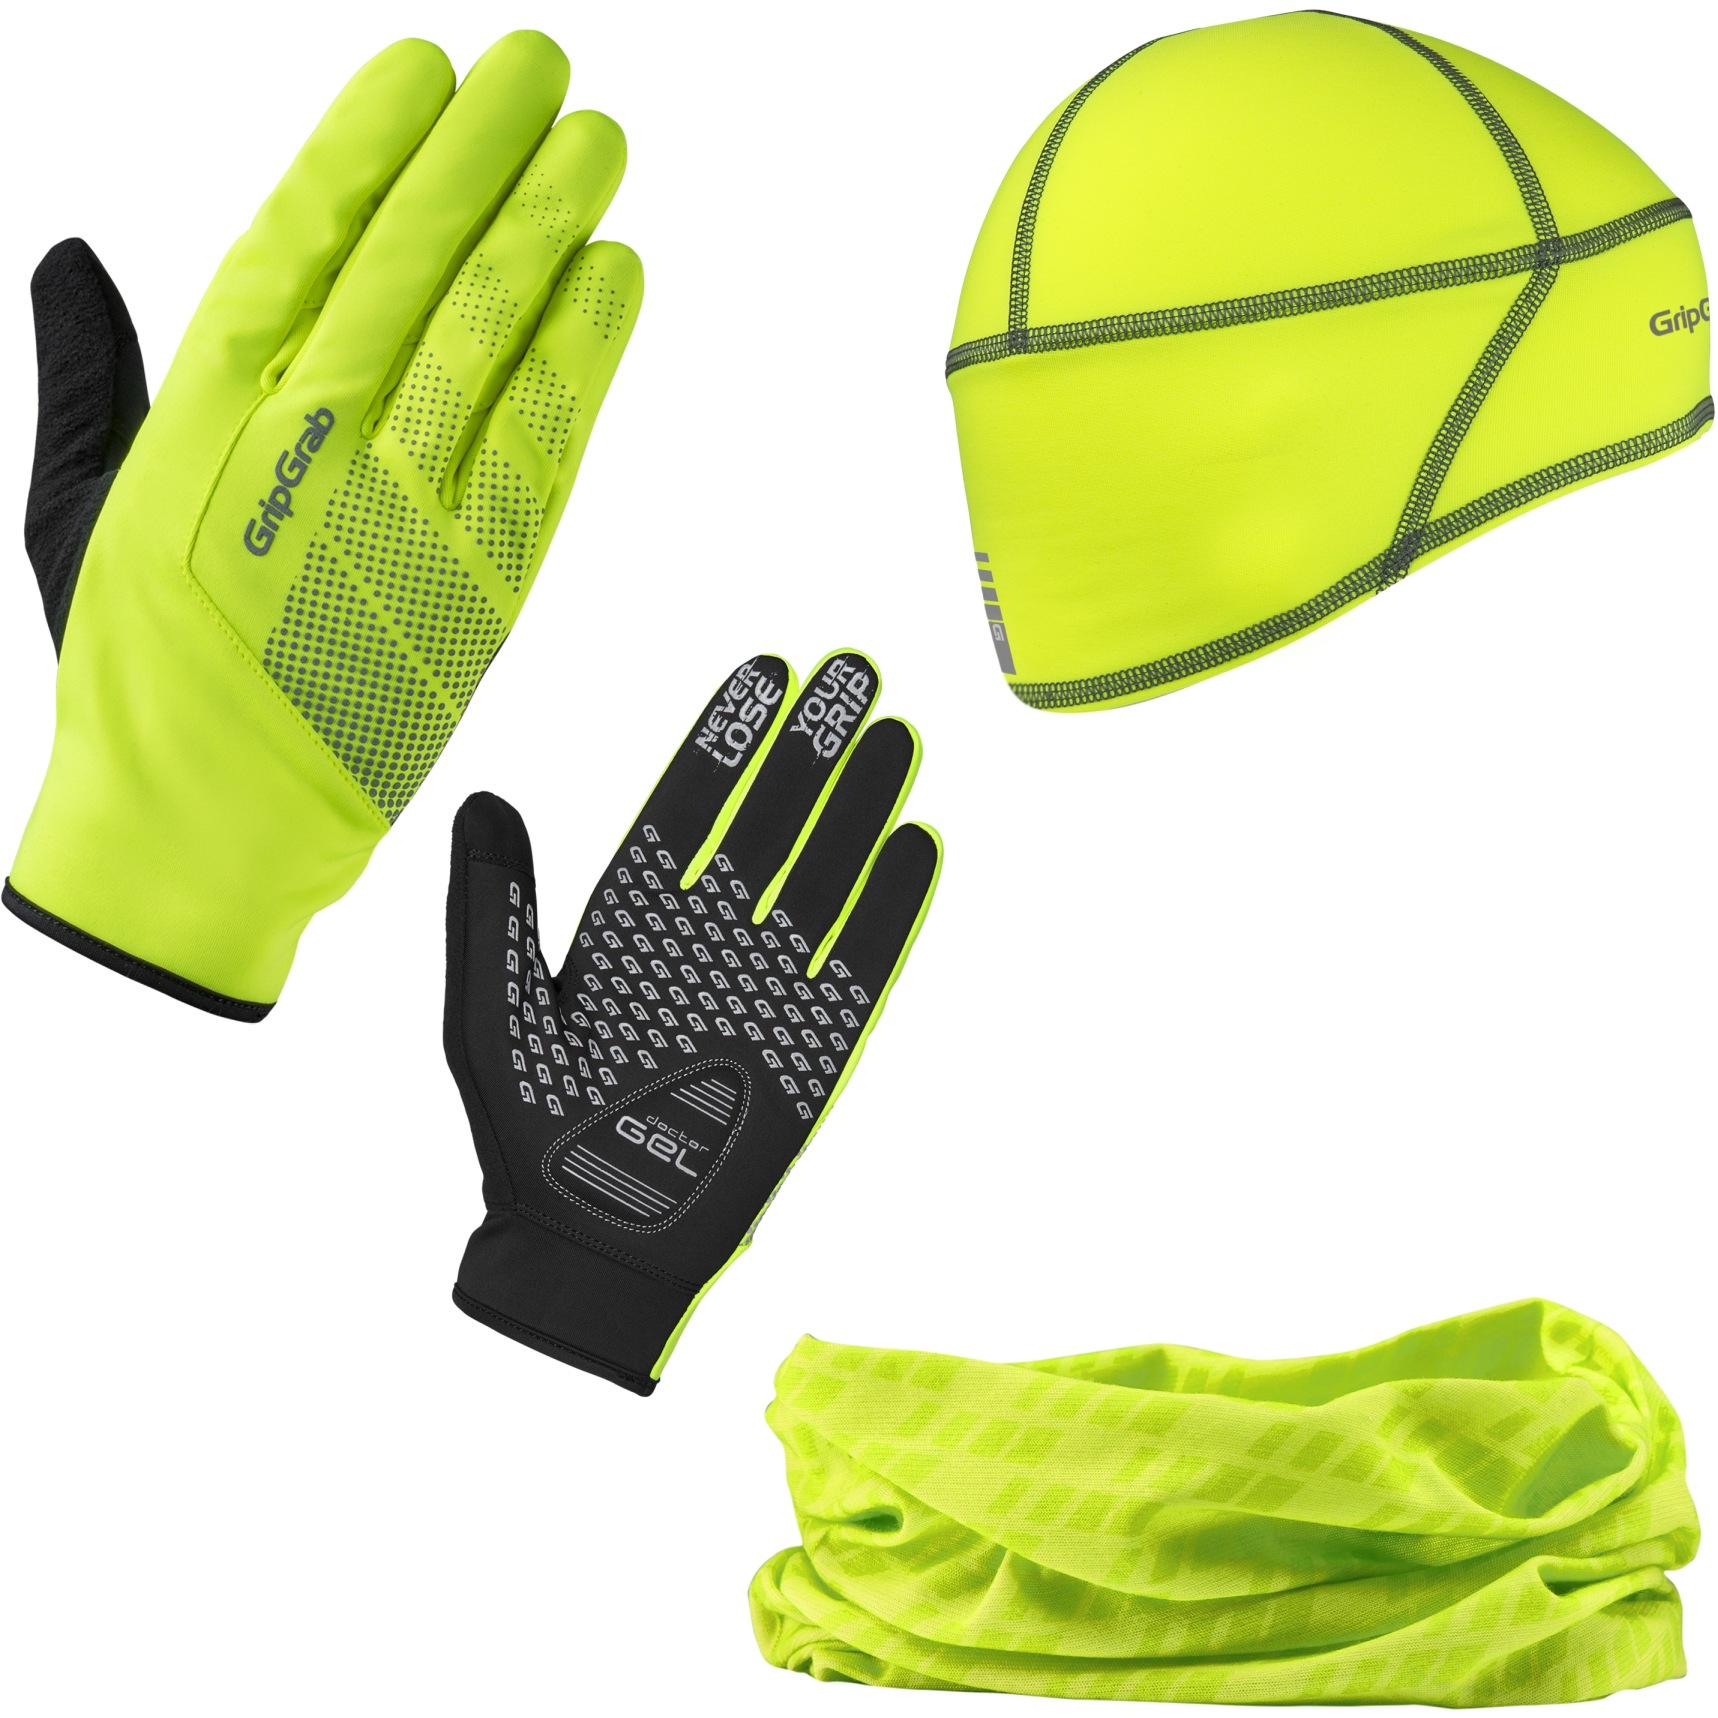 Produktbild von GripGrab Hi-Vis Cycling Essentials Geschenkbox - yellow hi-vis